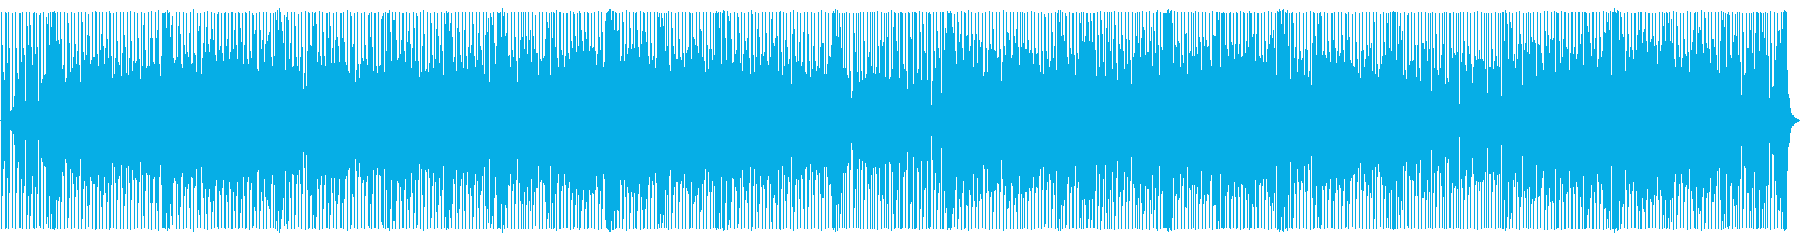 心が洗われるエレピのおしゃれなポップ曲の再生済みの波形